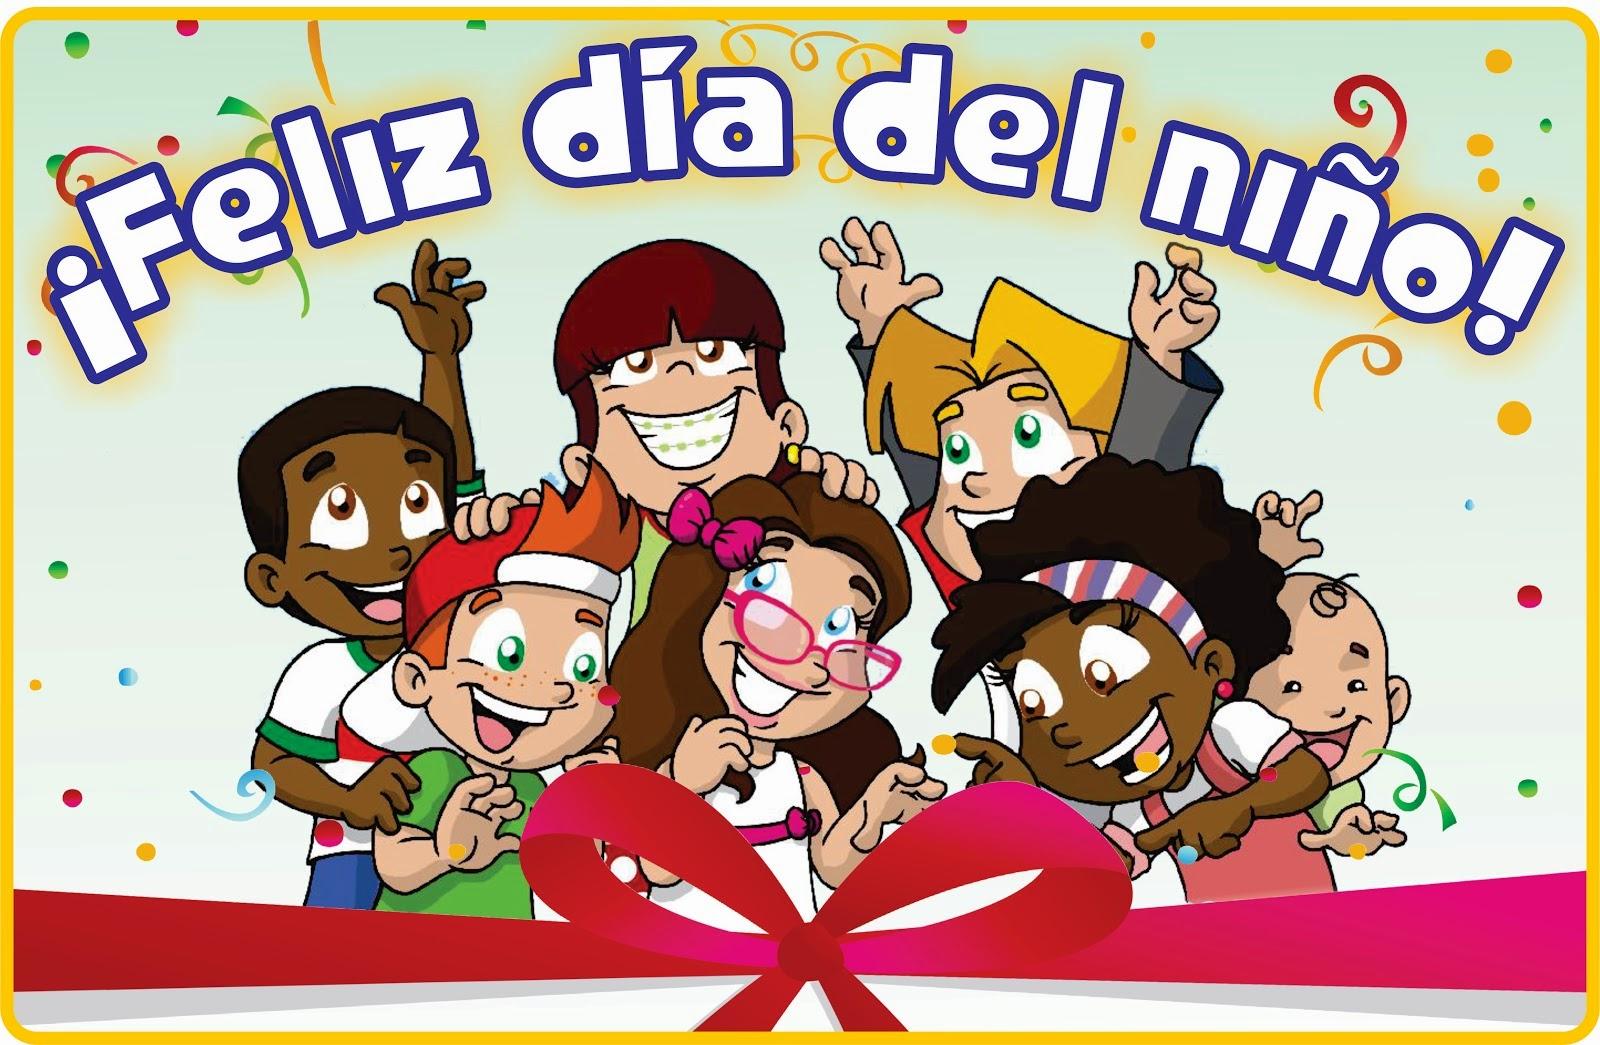 Celebre el Feliz Día del Niño Honduras 2015